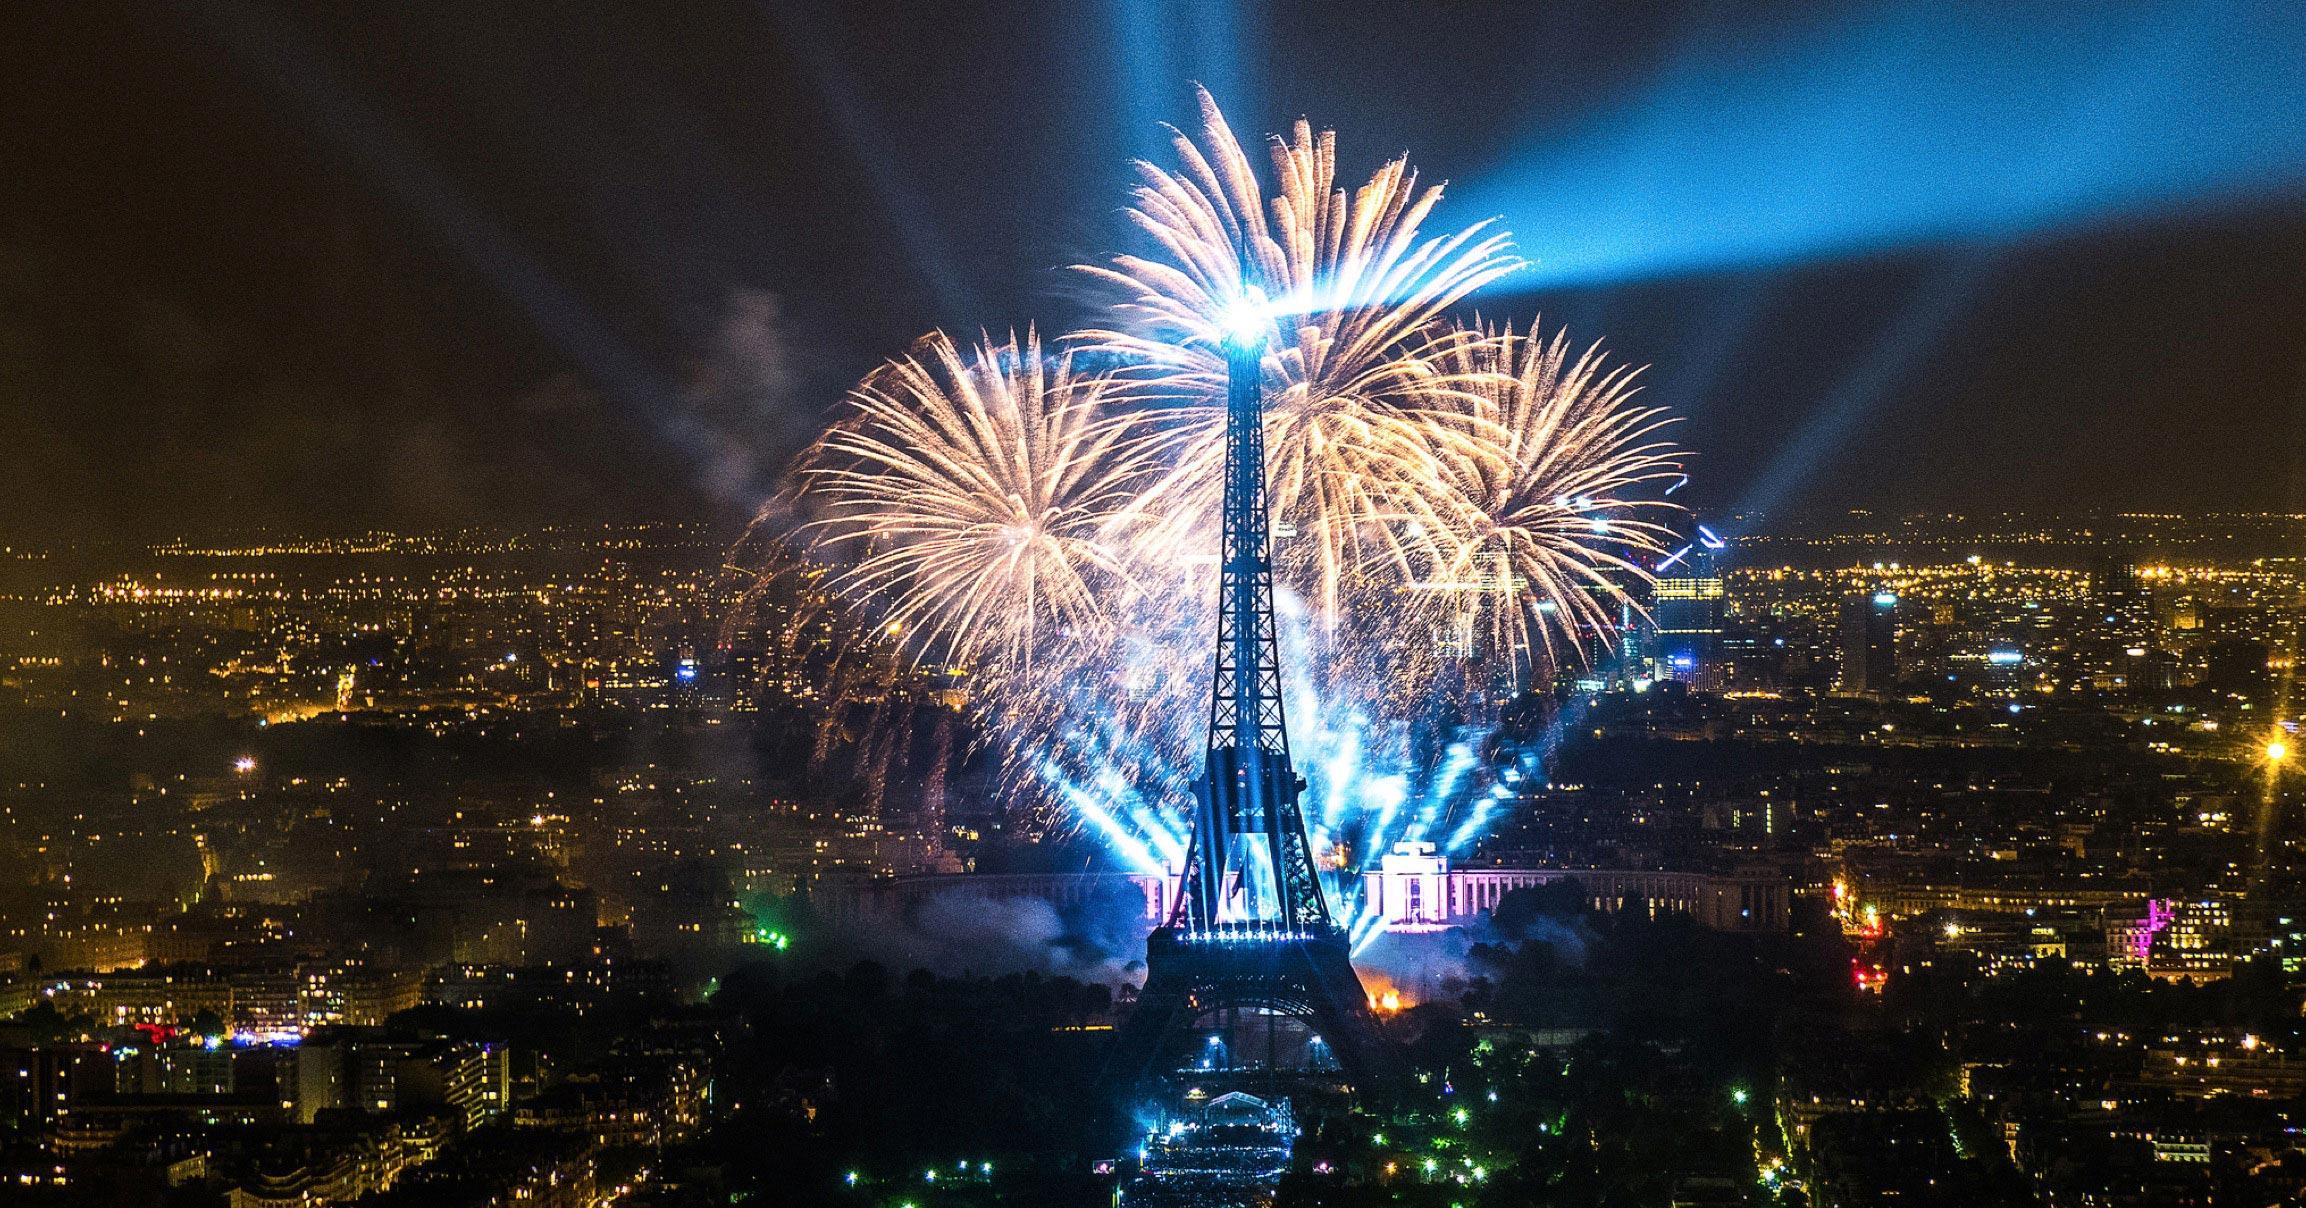 Photo du feu d'artifice sur la tour Eiffel à Paris